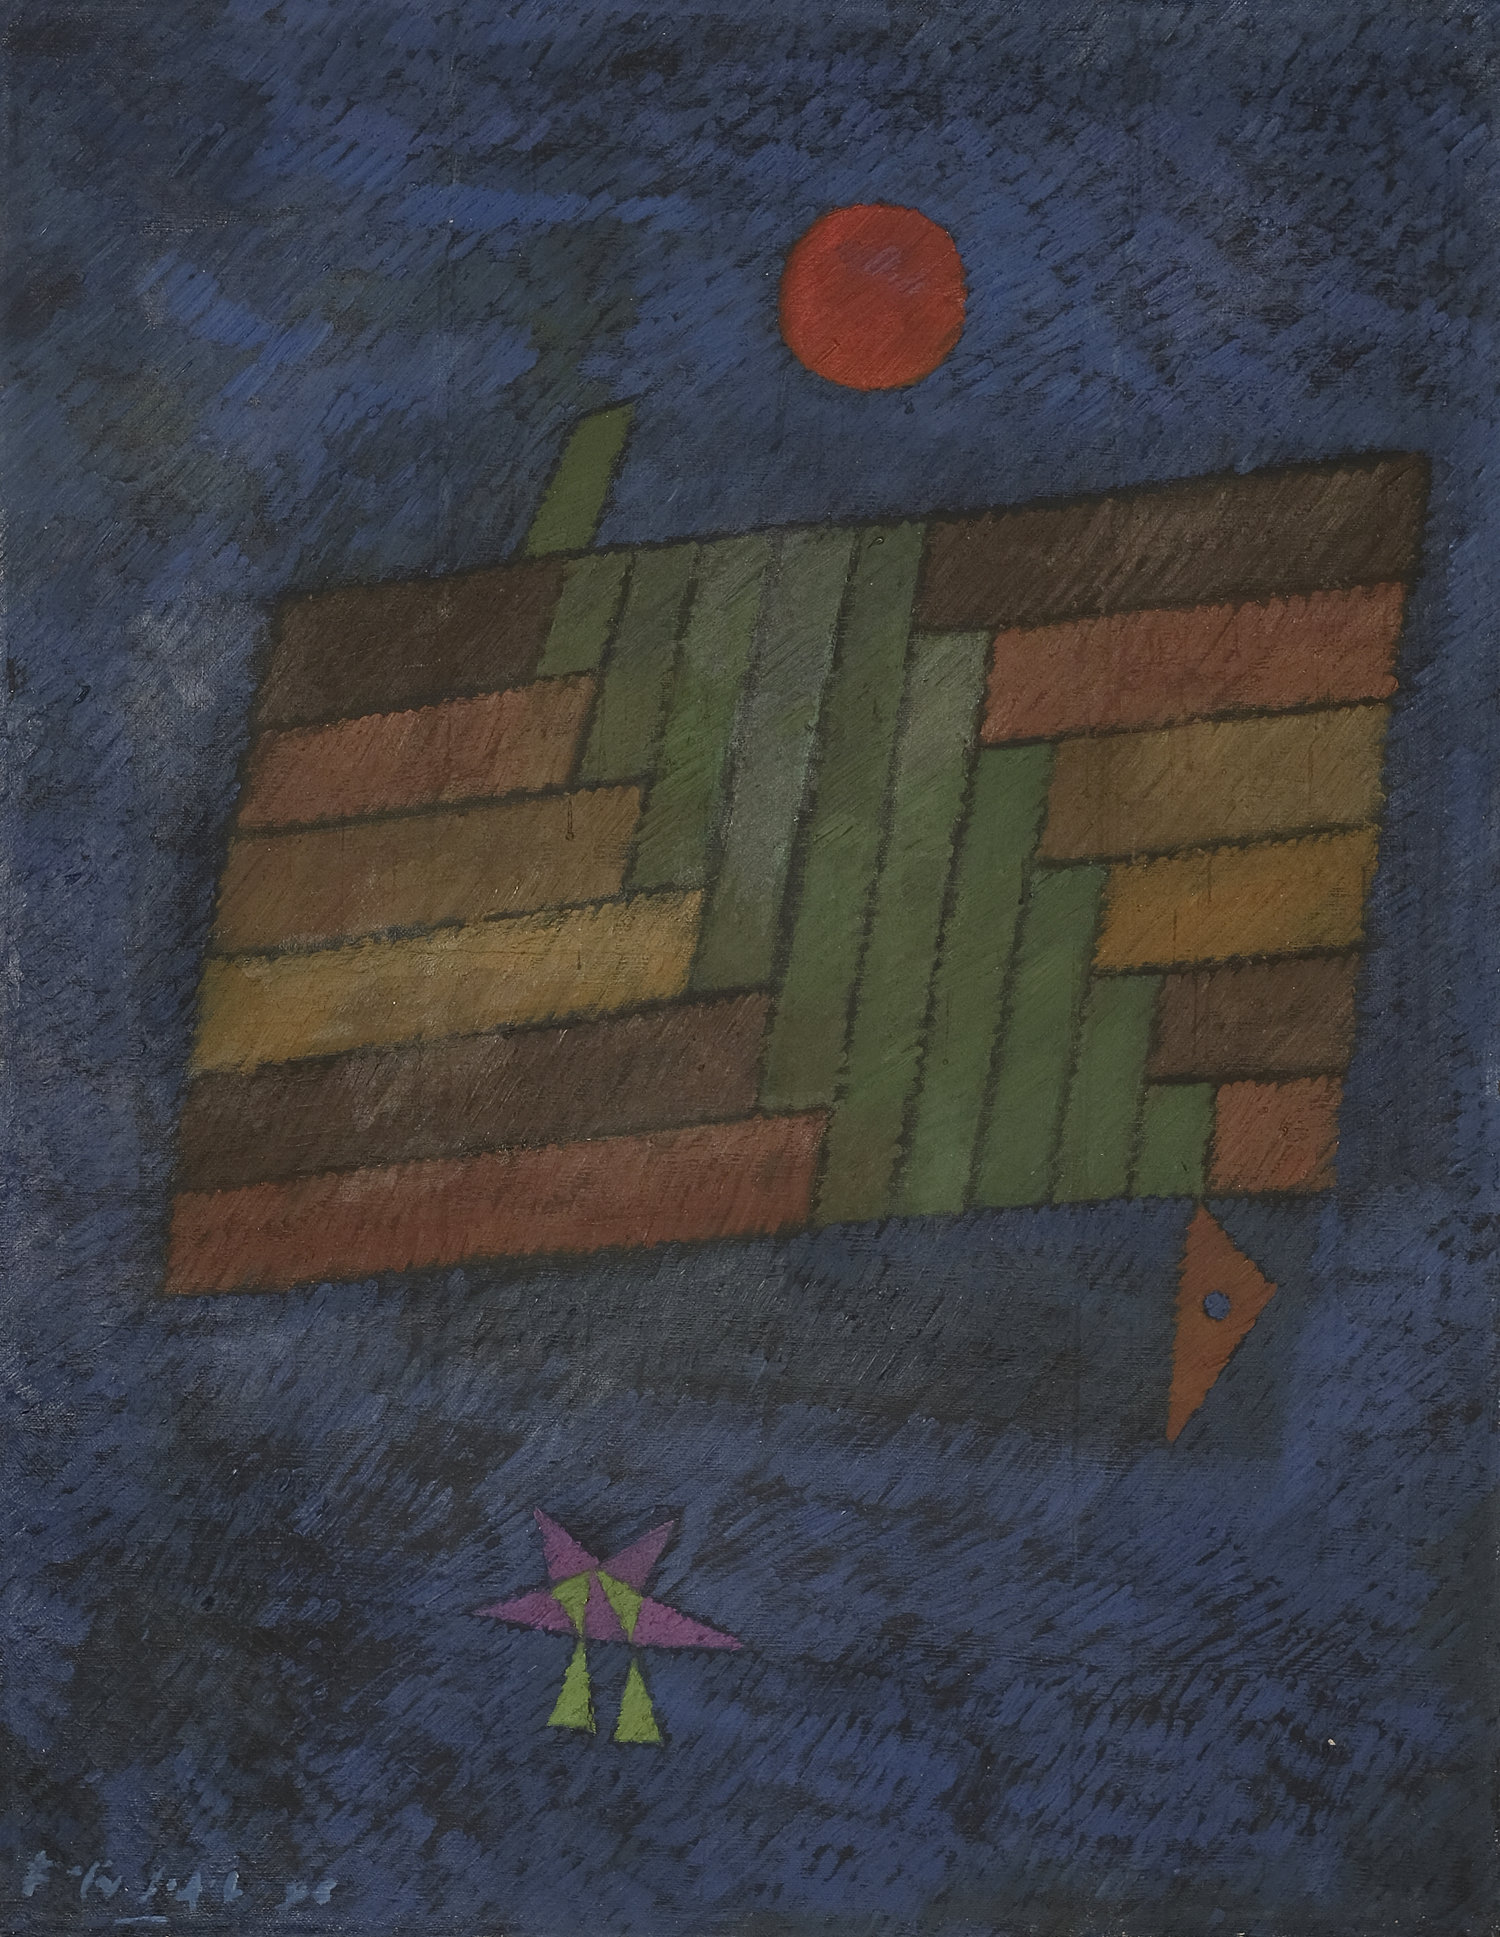 Fadjar Sidik, Dinamika Keruangan (Space Dynamics), 1996, 90 x 60 cm